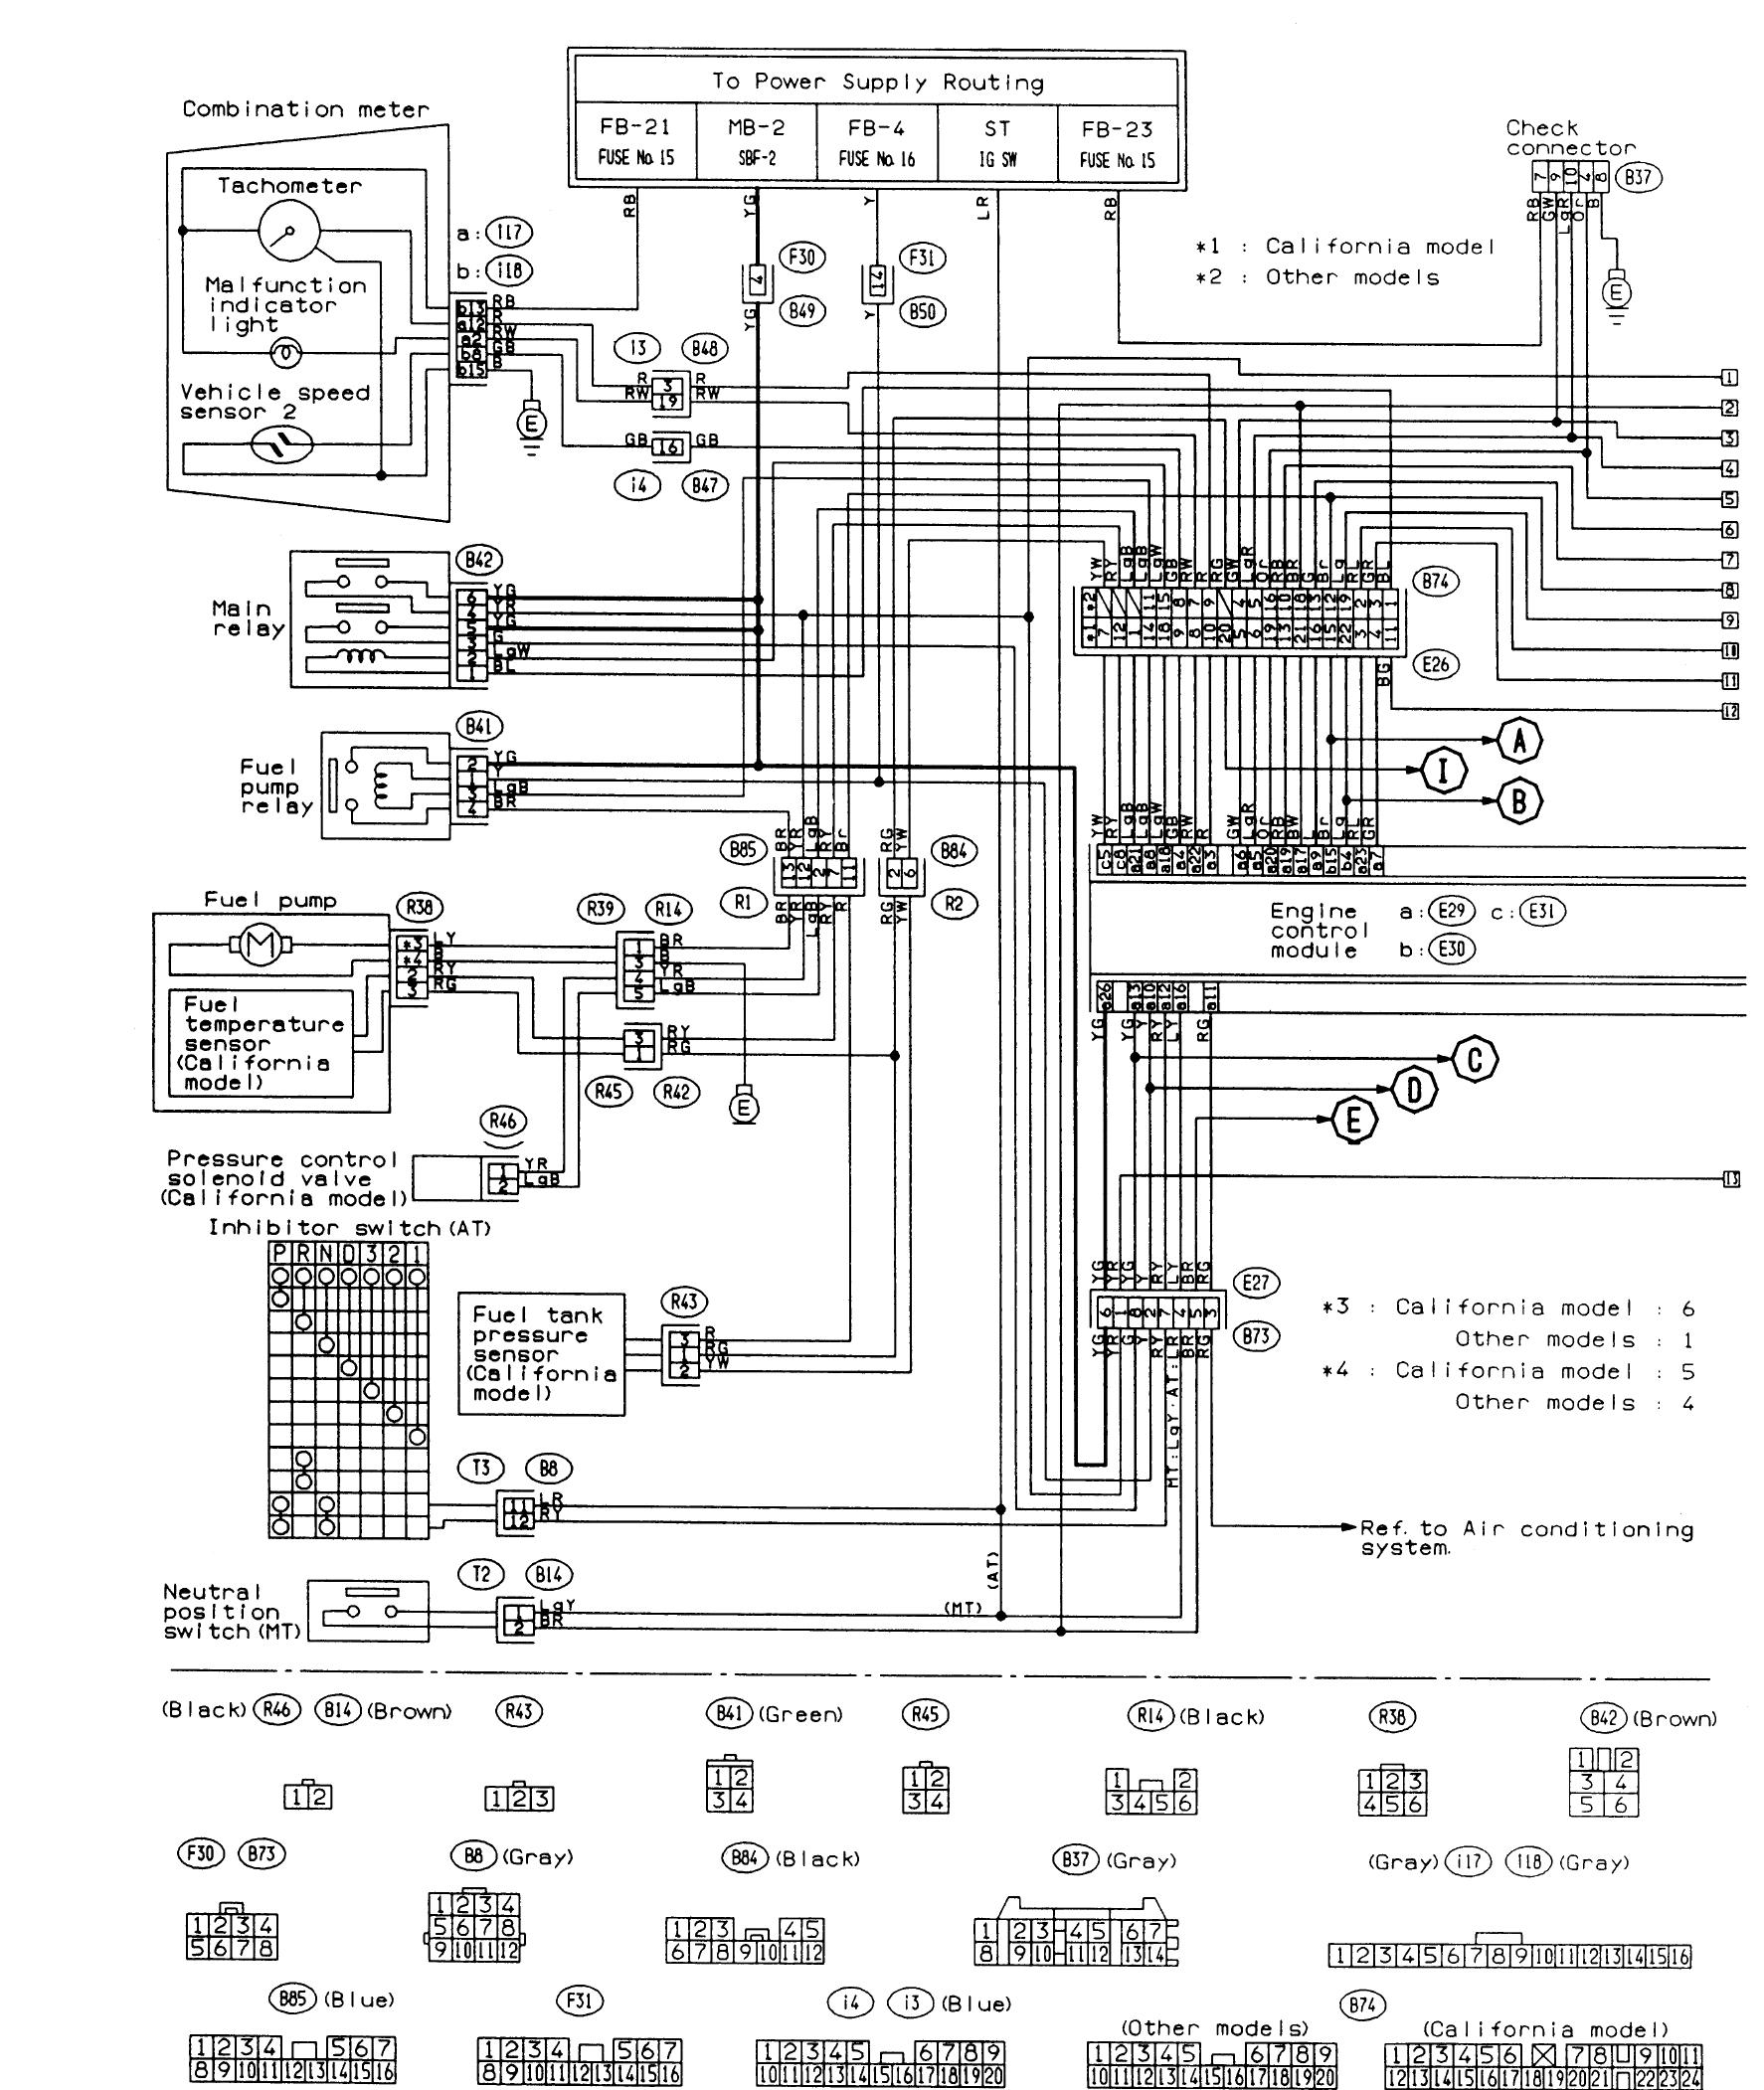 subaru forester wiring diagram  description wiring diagrams